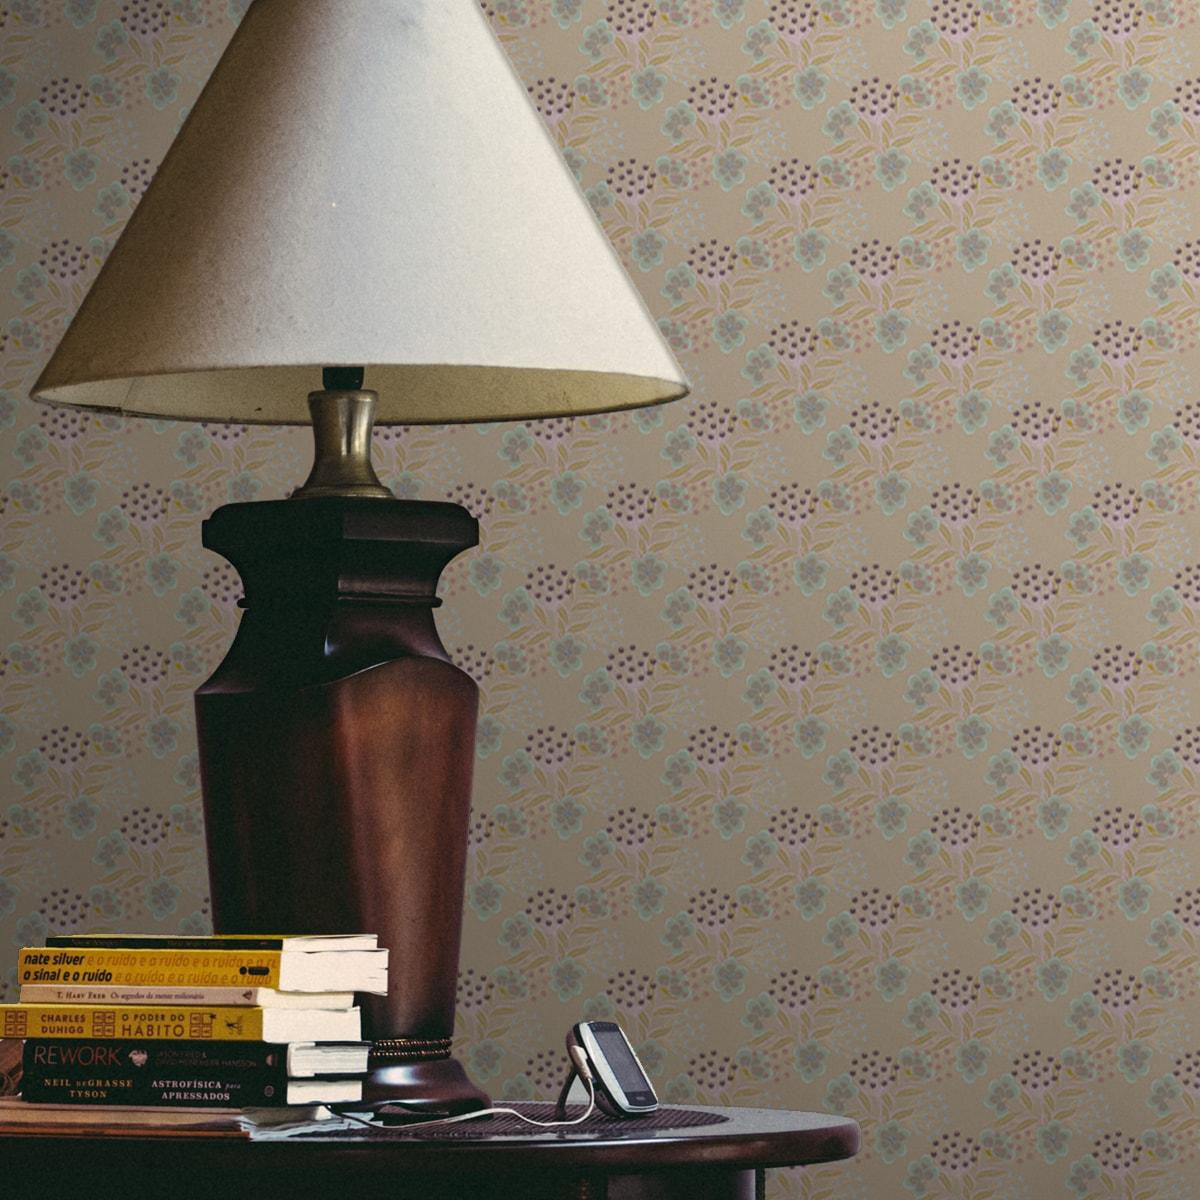 Wandtapete creme: Blümchen Tapete Blumentapete Classic Bouquet in pastell beige, Nostalgietapete für Ihr Zuhause